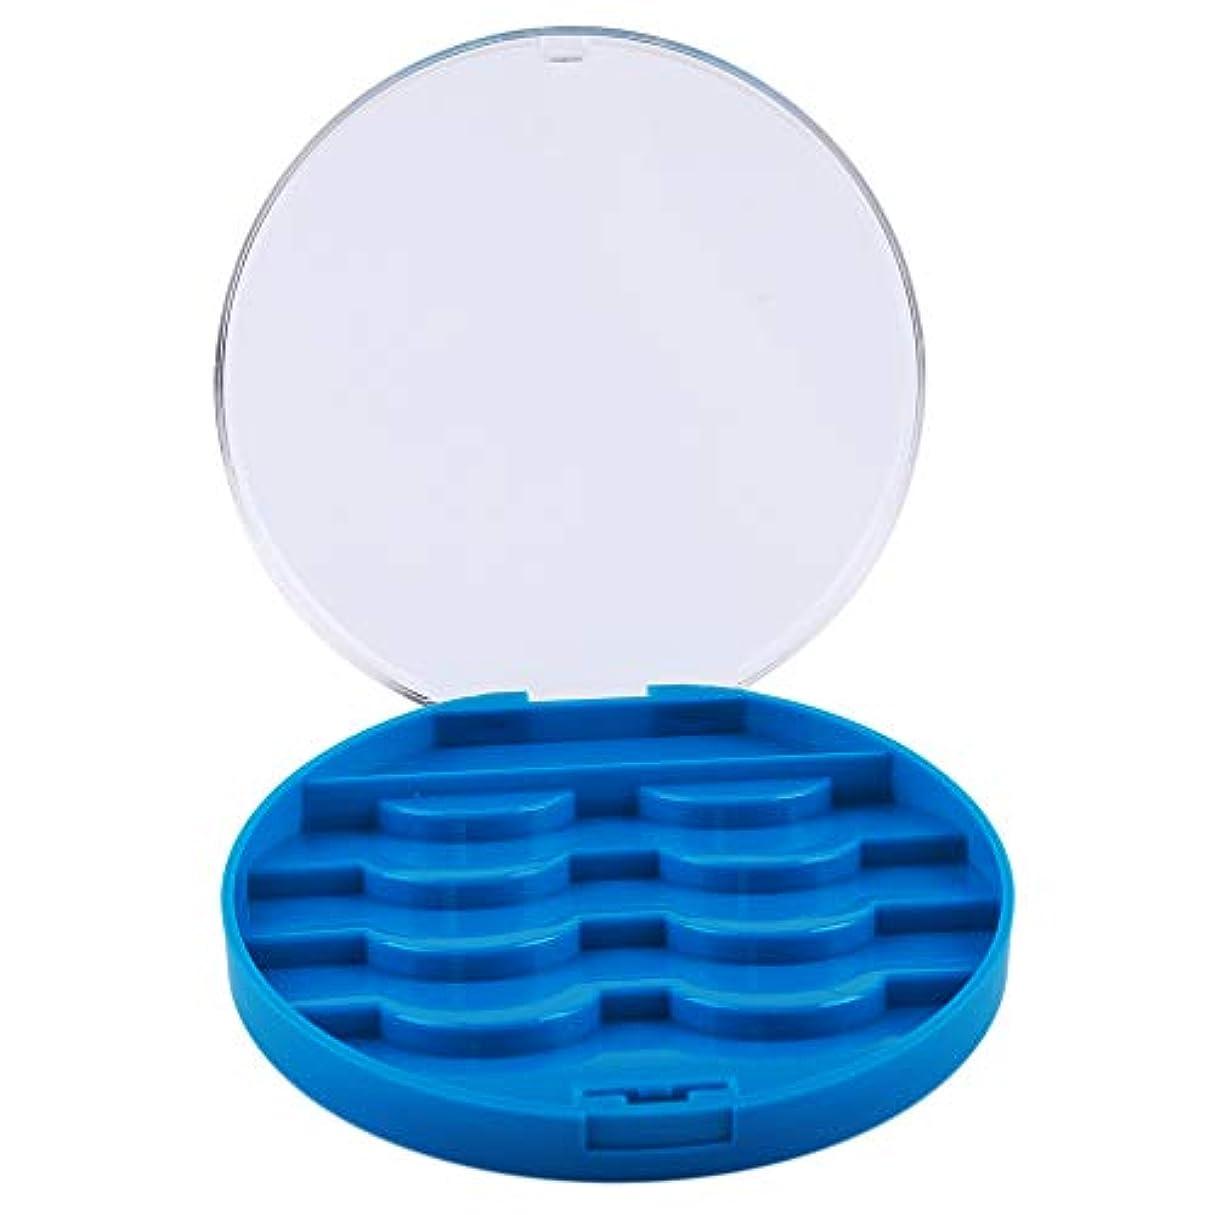 肥料スクラップかなりJIOLK まつげケース 付けまつげ まつげ 収納ボックス 小物収納ケース 便利 メイクアップ 可愛 コンテナ ラッシュ ホルダー